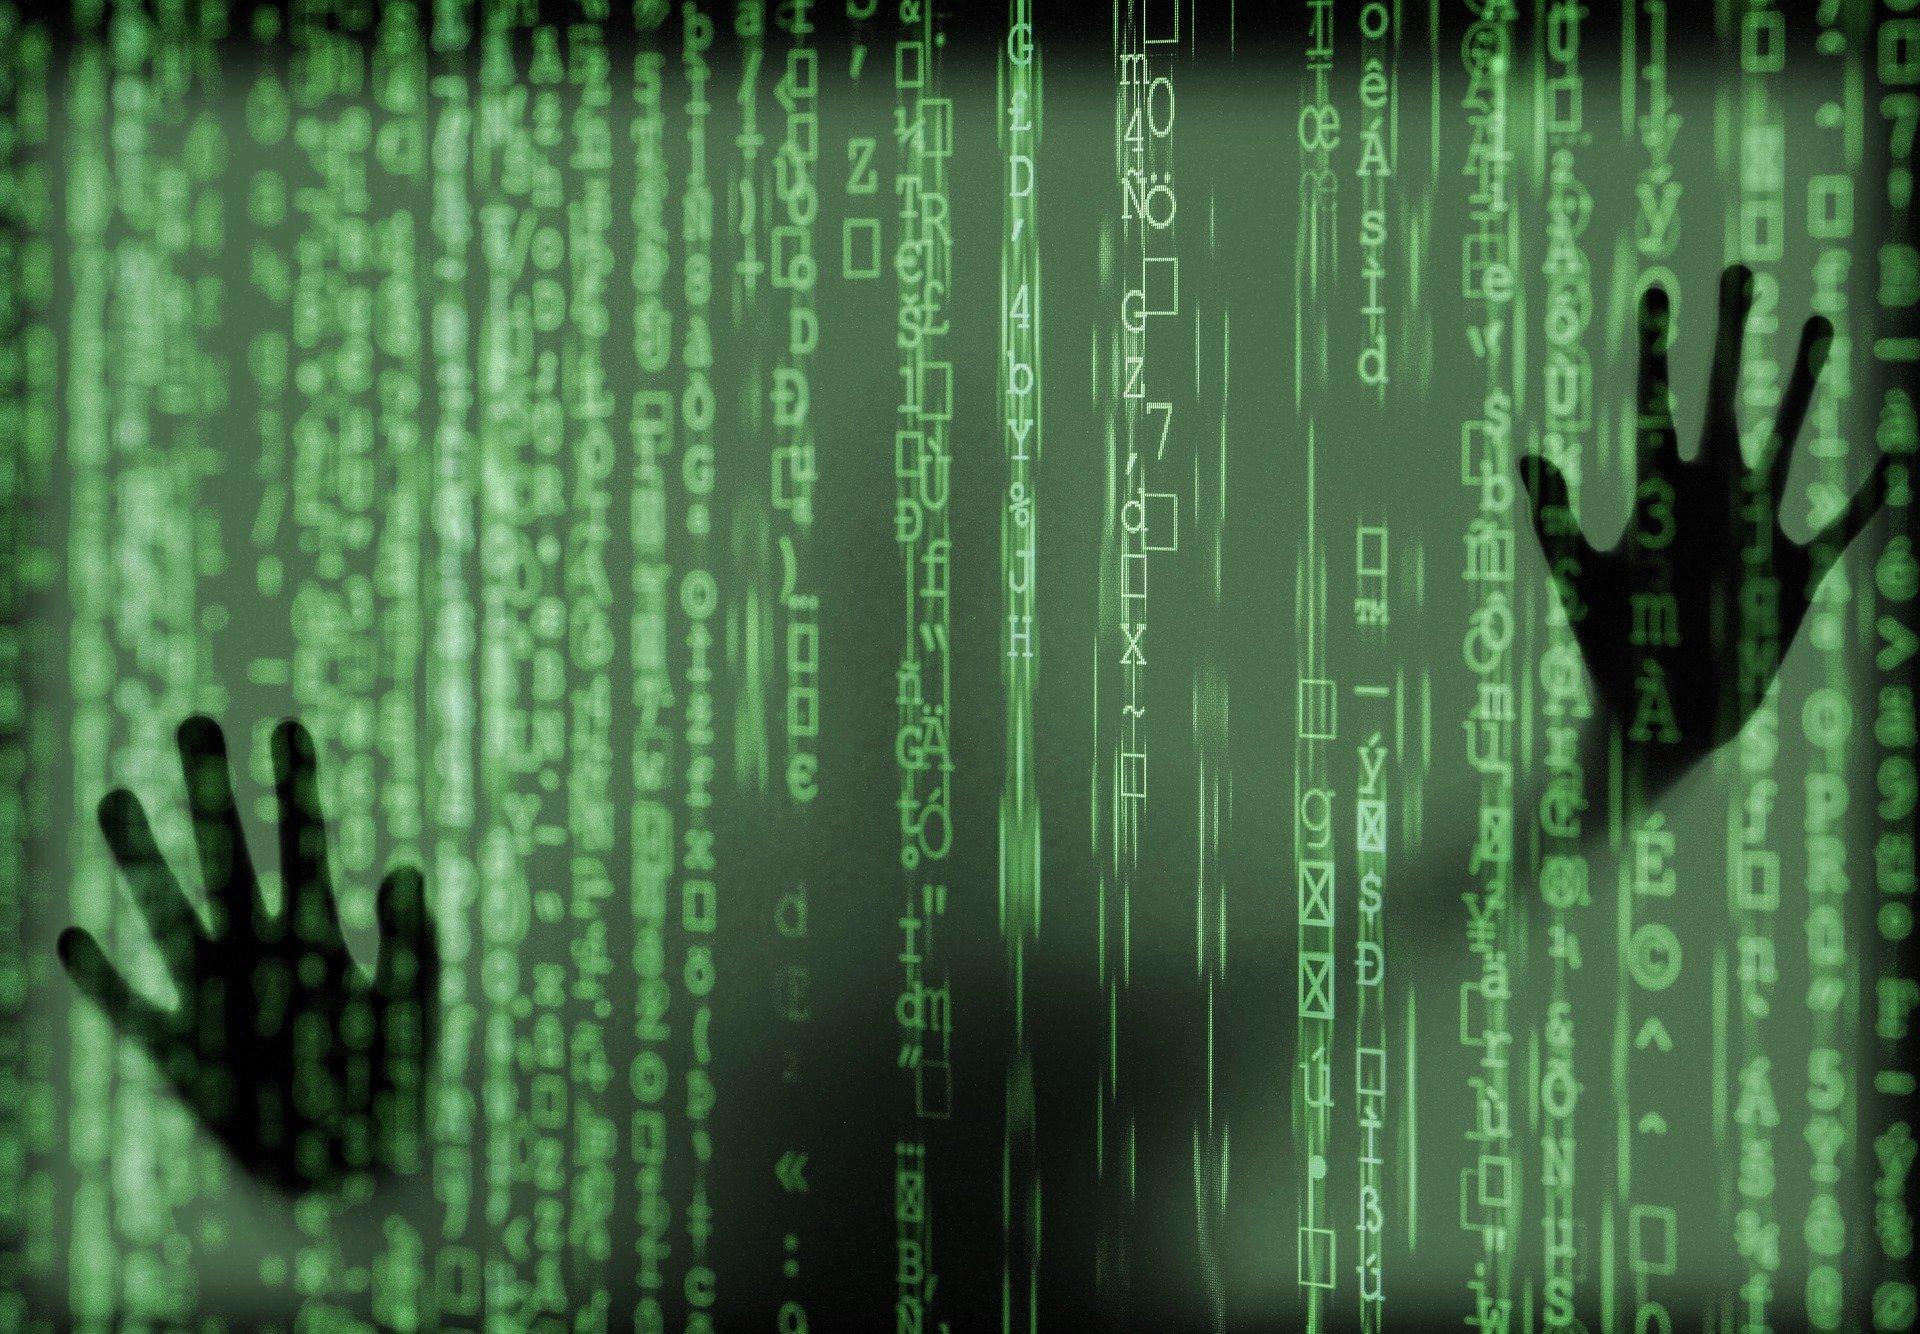 S_adapter_pour_survivre_:_Garder_une_longueur_d_avance_sur_les_cybermenaces